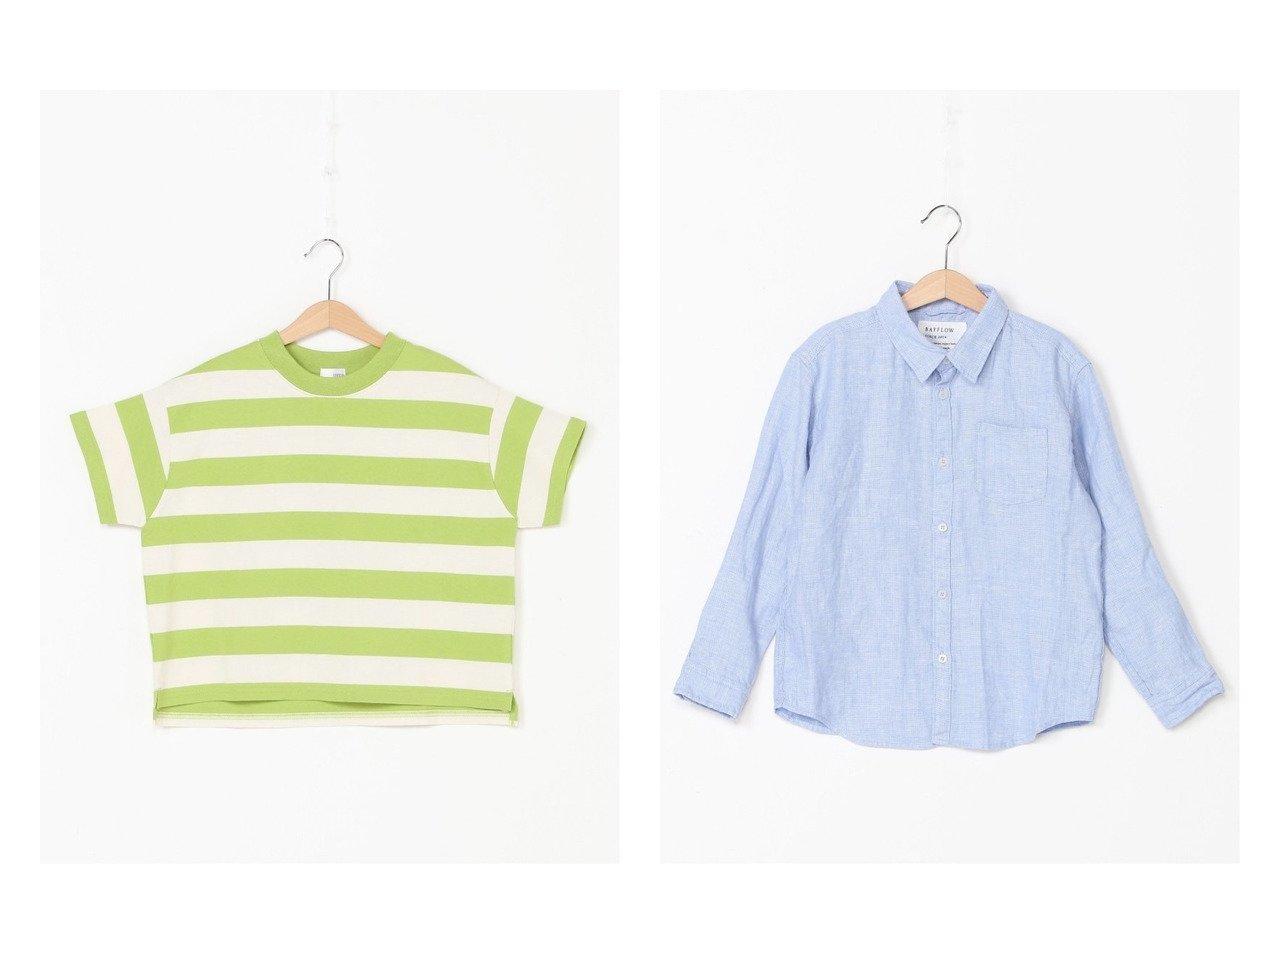 【BAYFLOW / KIDS/ベイフロー】のムジリネンシャツ/K&【LOWRYS FARM / KIDS/ローリーズファーム】のUSAフトボーダーSS 【KIDS】子供服のおすすめ!人気トレンド・キッズファッションの通販 おすすめで人気の流行・トレンド、ファッションの通販商品 メンズファッション・キッズファッション・インテリア・家具・レディースファッション・服の通販 founy(ファニー) https://founy.com/ ファッション Fashion キッズファッション KIDS トップス・カットソー Tops/Tees/Kids S/S・春夏 SS・Spring/Summer おすすめ Recommend カットソー シンプル ボーダー ストレッチ リネン 春 Spring |ID:crp329100000037914